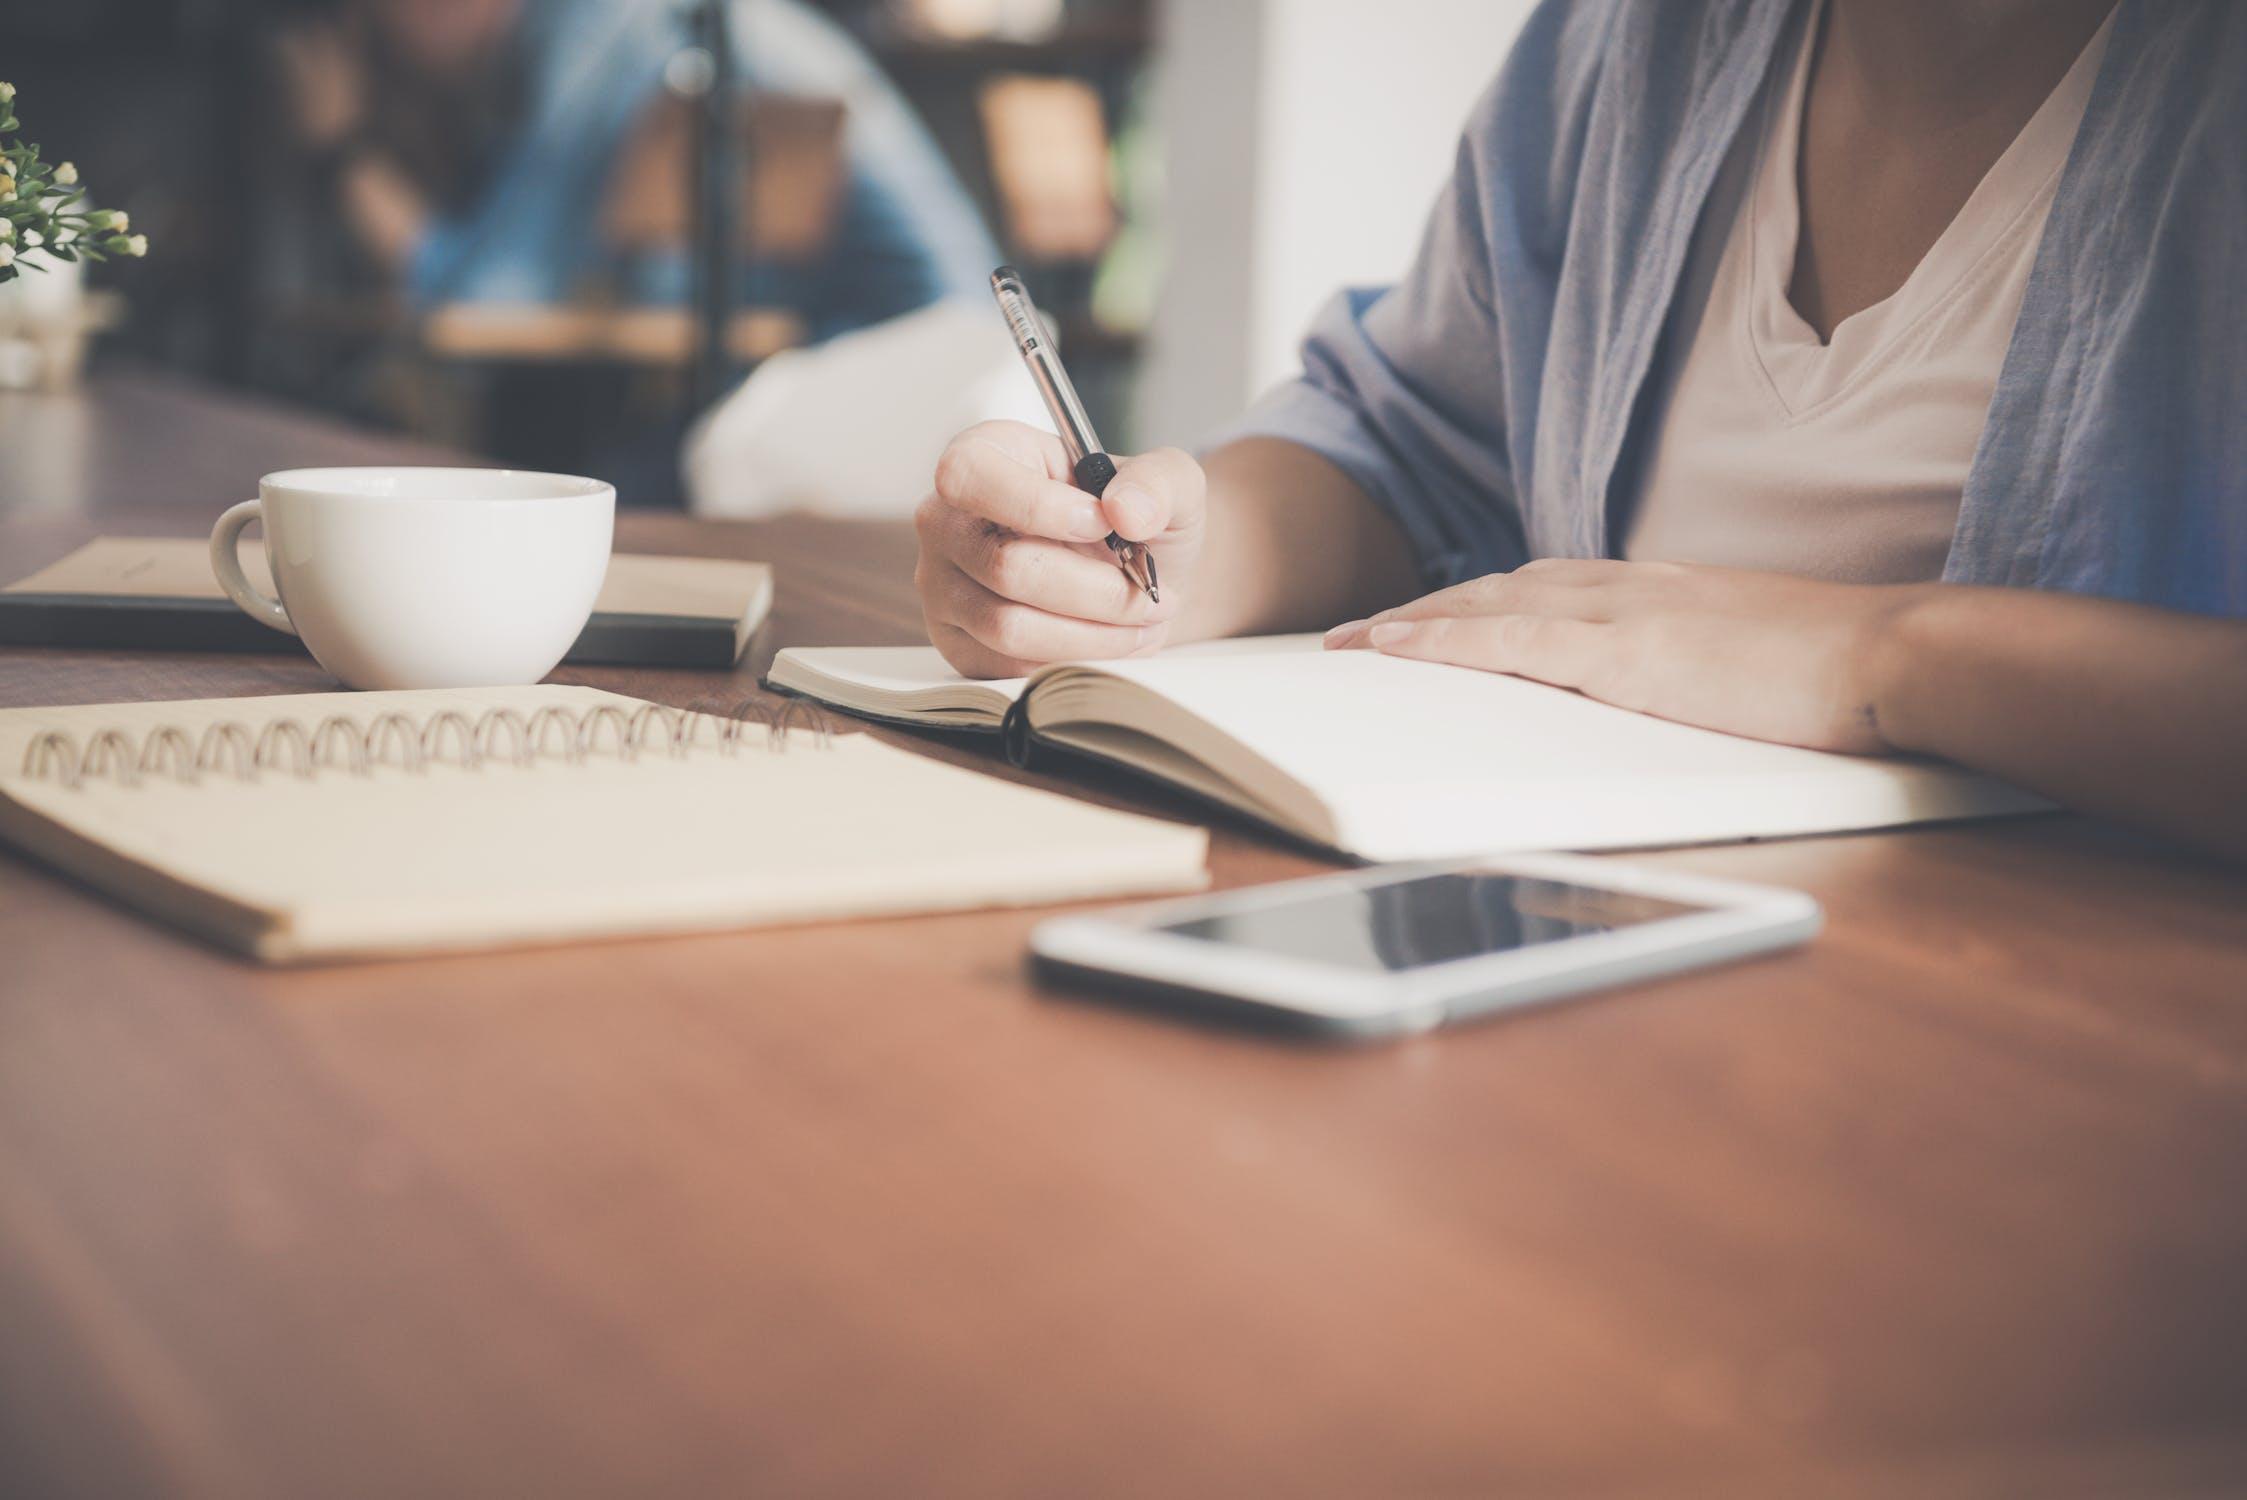 筆者が考えるおすすめの方法は友達とテレビ電話でつなぎながら勉強すること